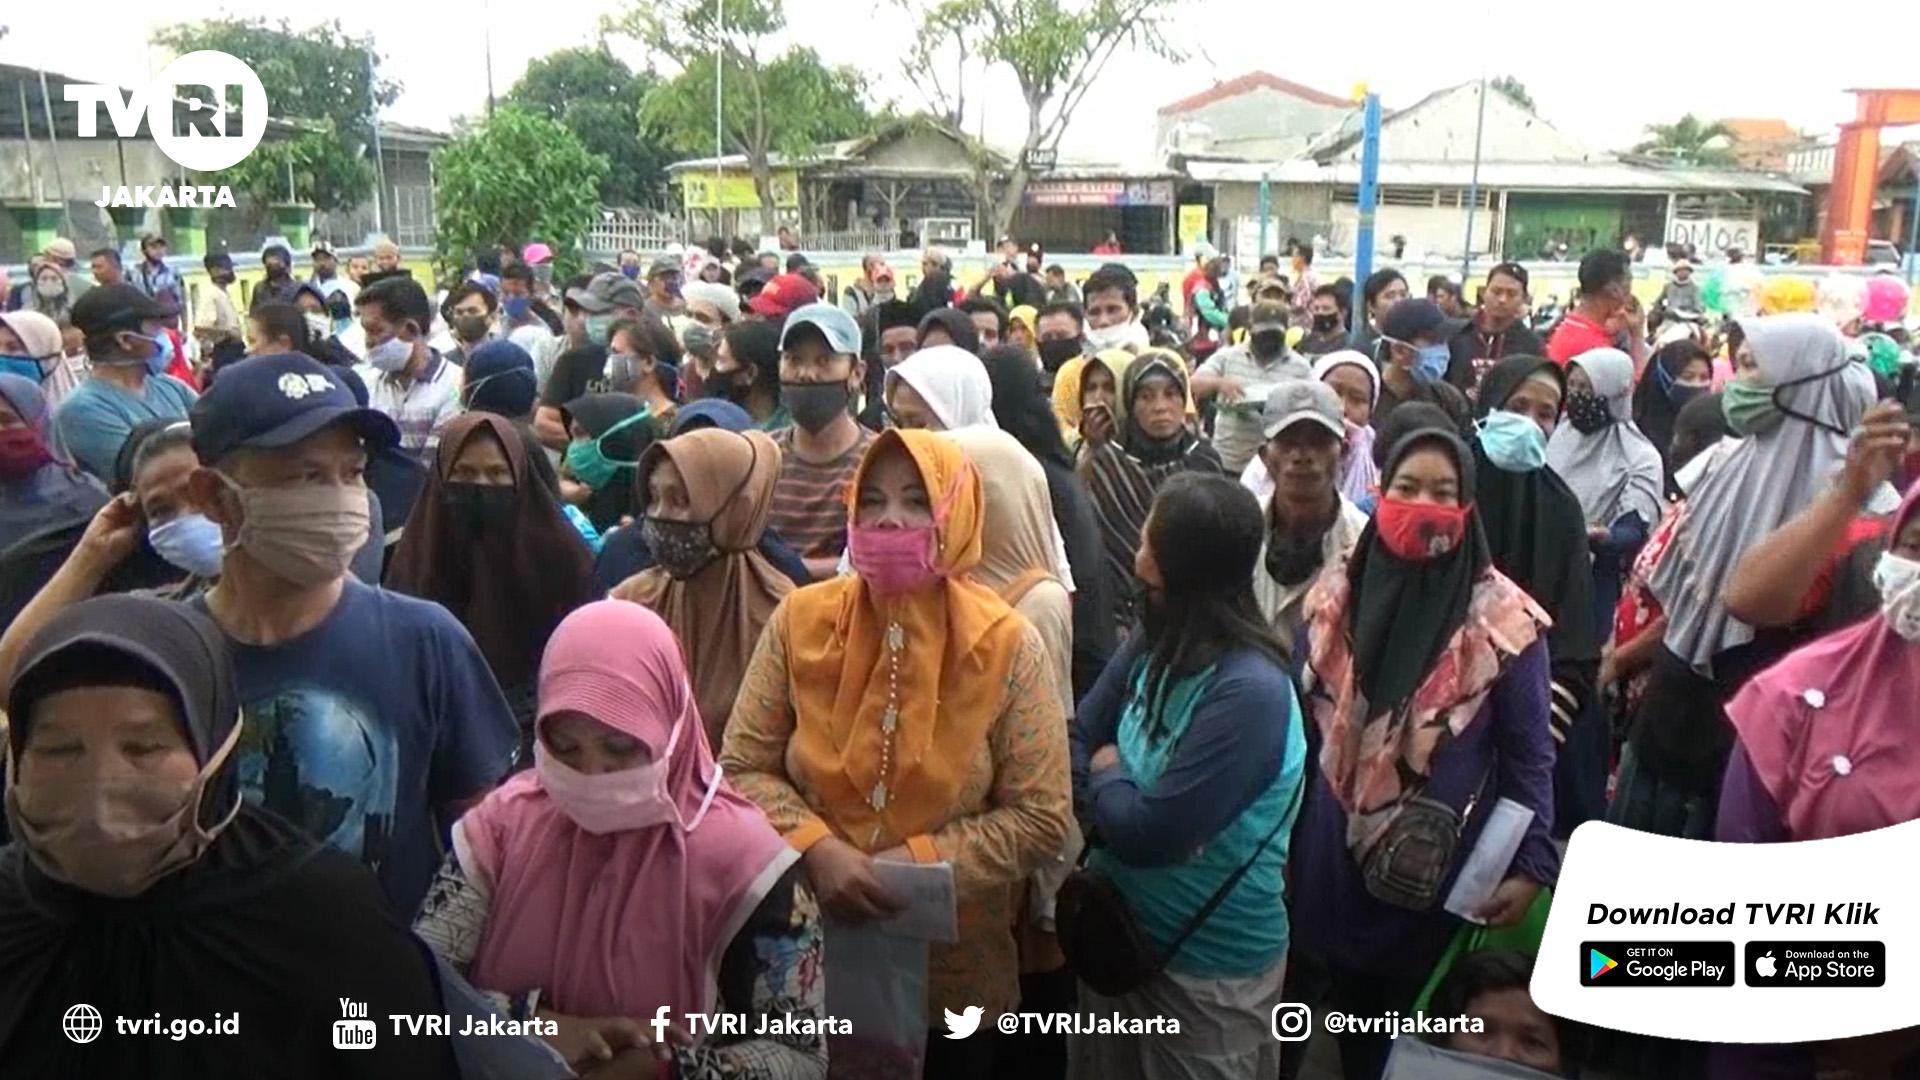 Televisi Republik Indonesia TVRI